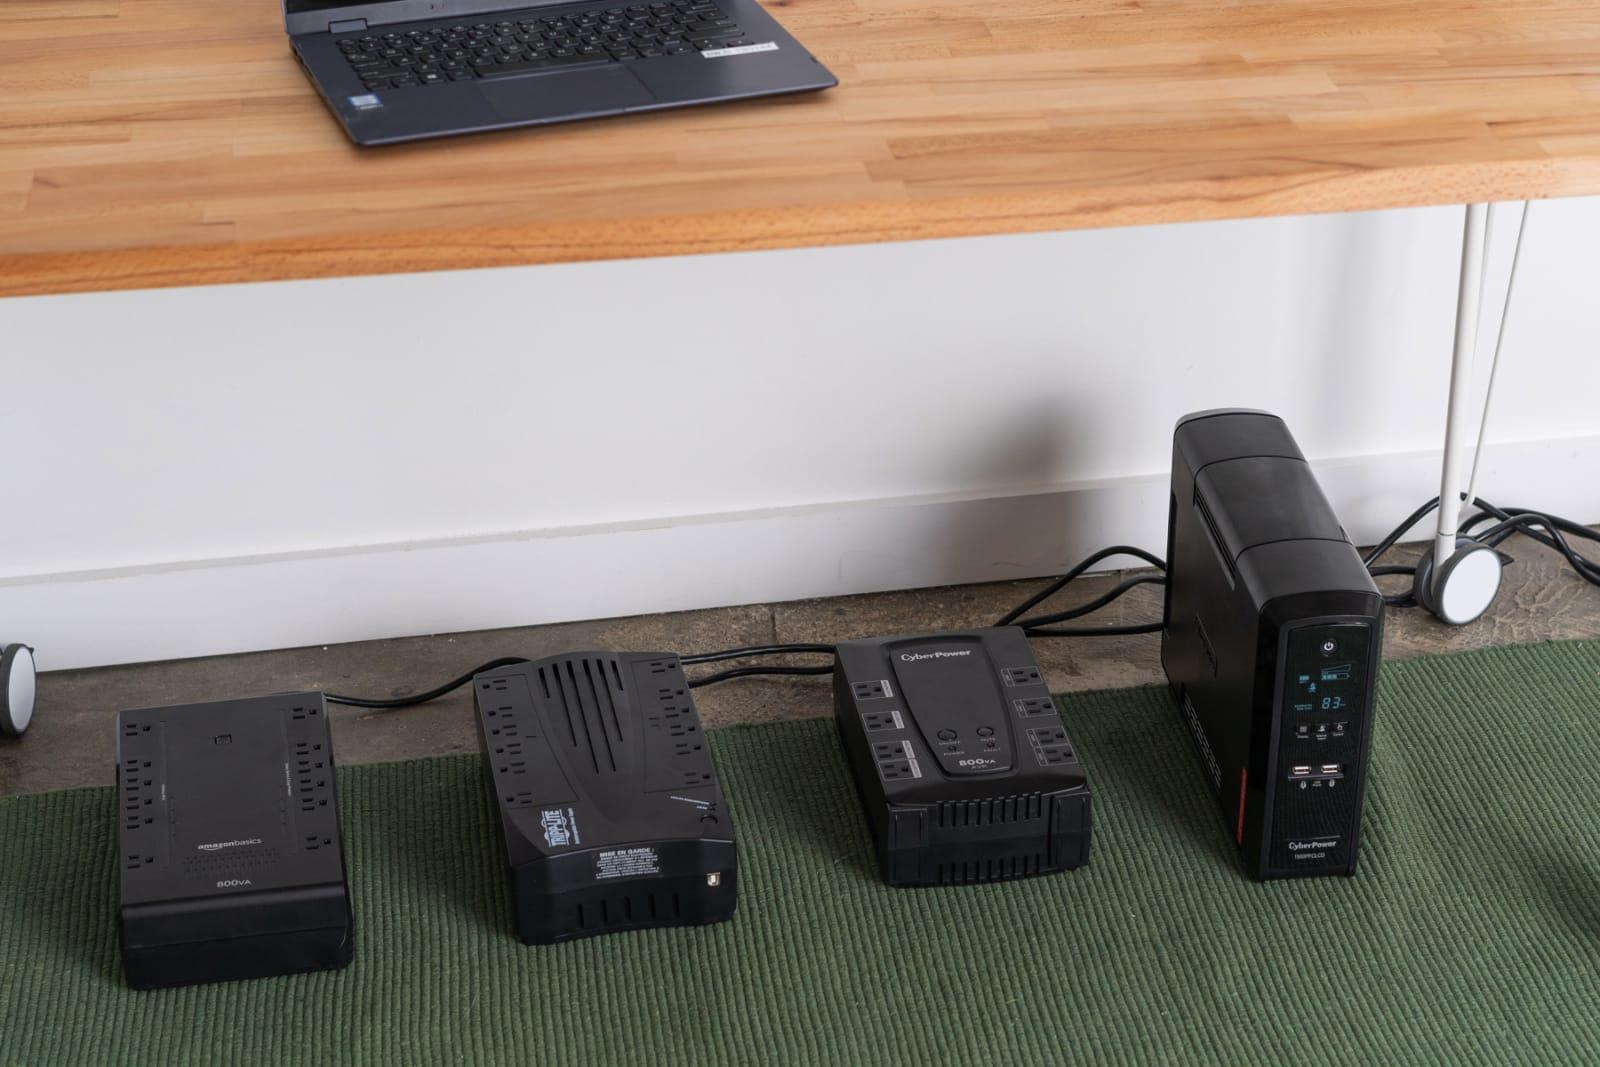 Uninterruptable power supply (UPS)